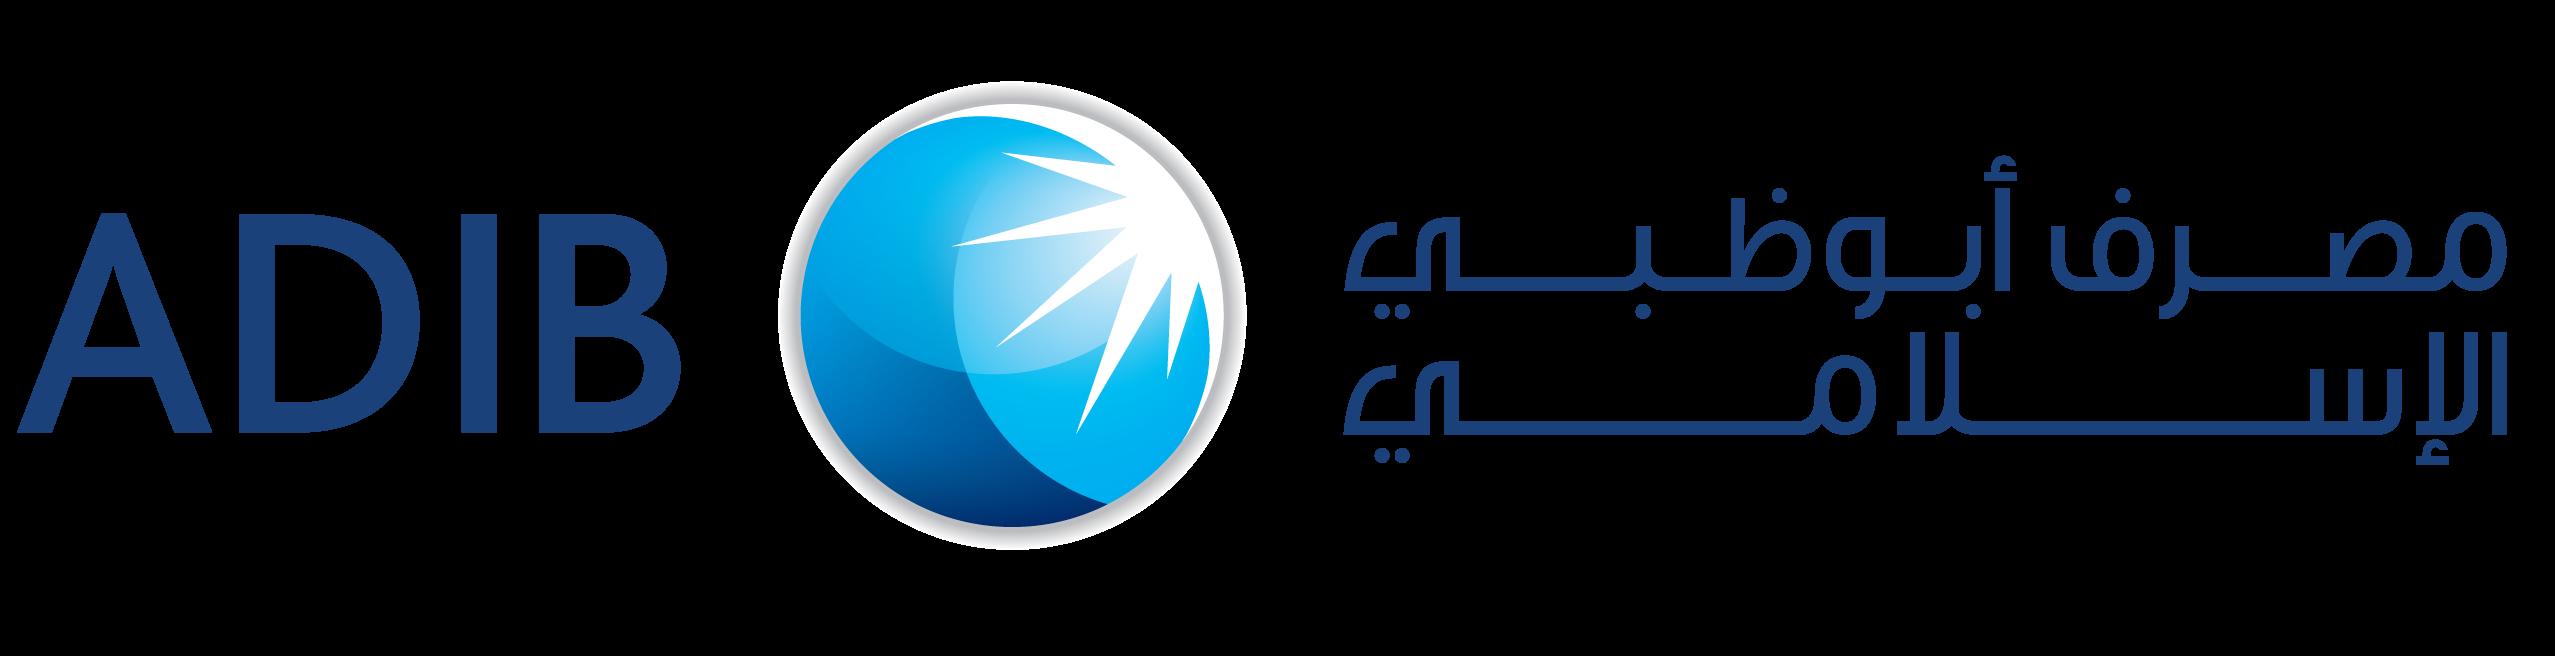 ADIB-logo-Euronext-Dublin